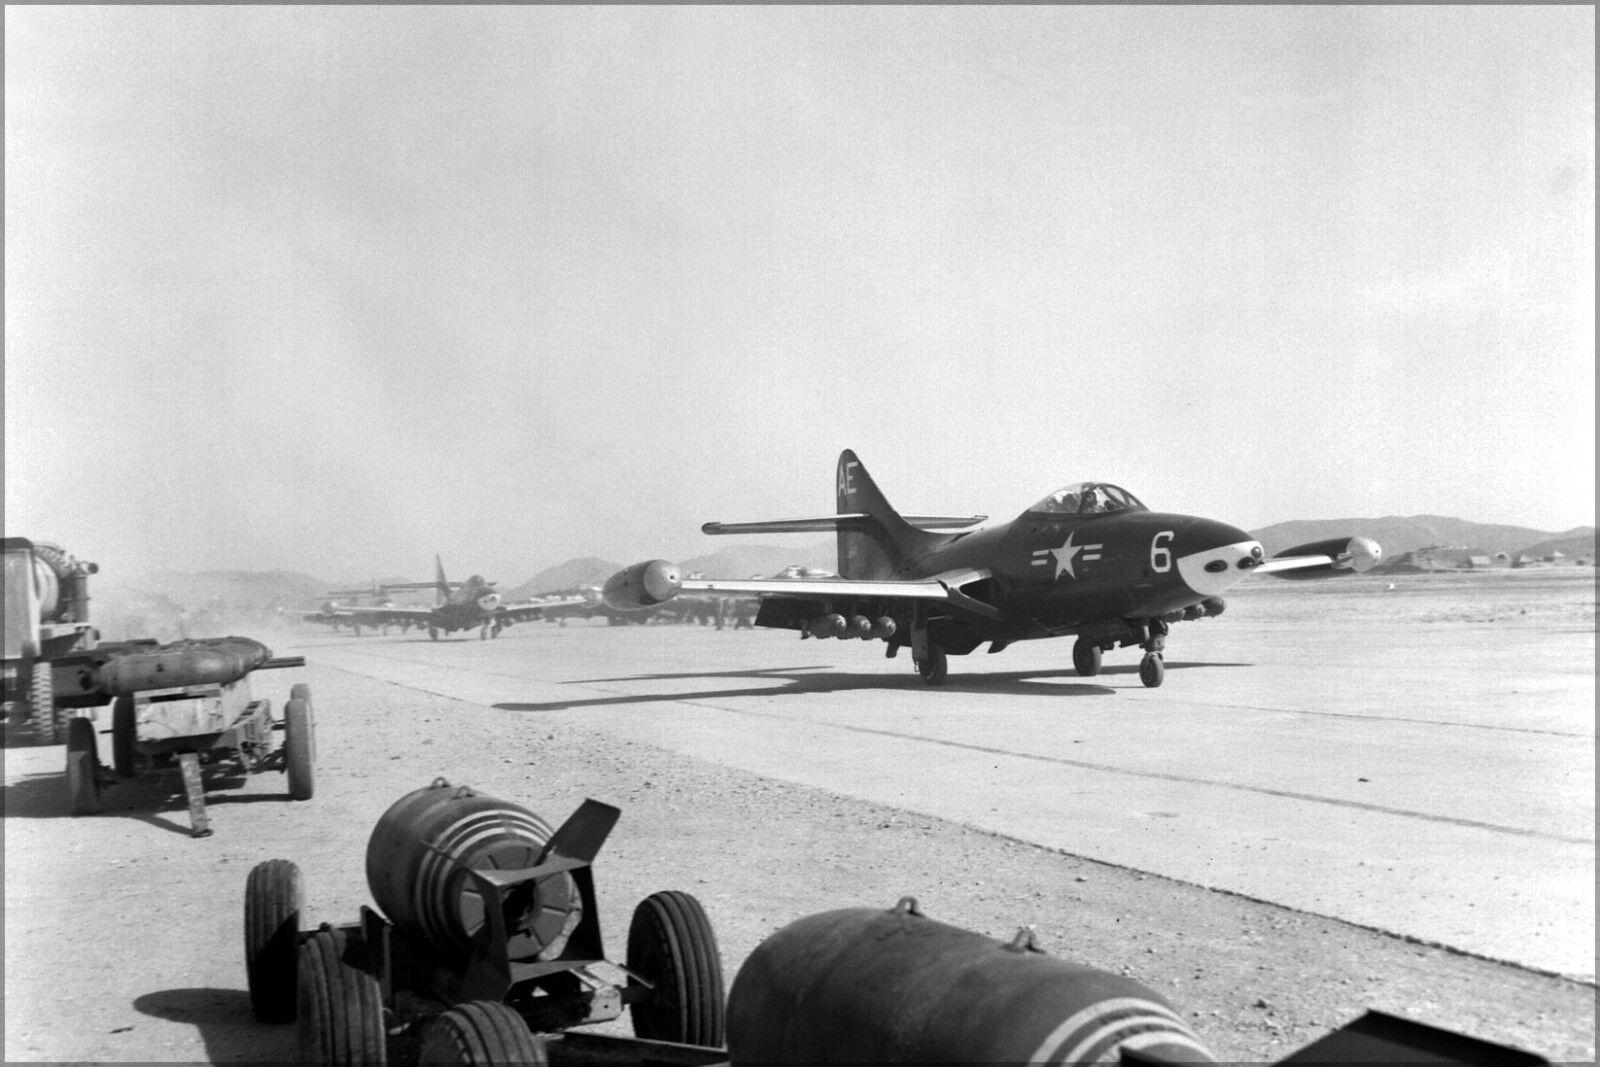 Poster, Molte Misure; F9f-2 Pantera Pantera Pantera da Combattimento Vmf-115 Able Aquile Pohang, c37f6e